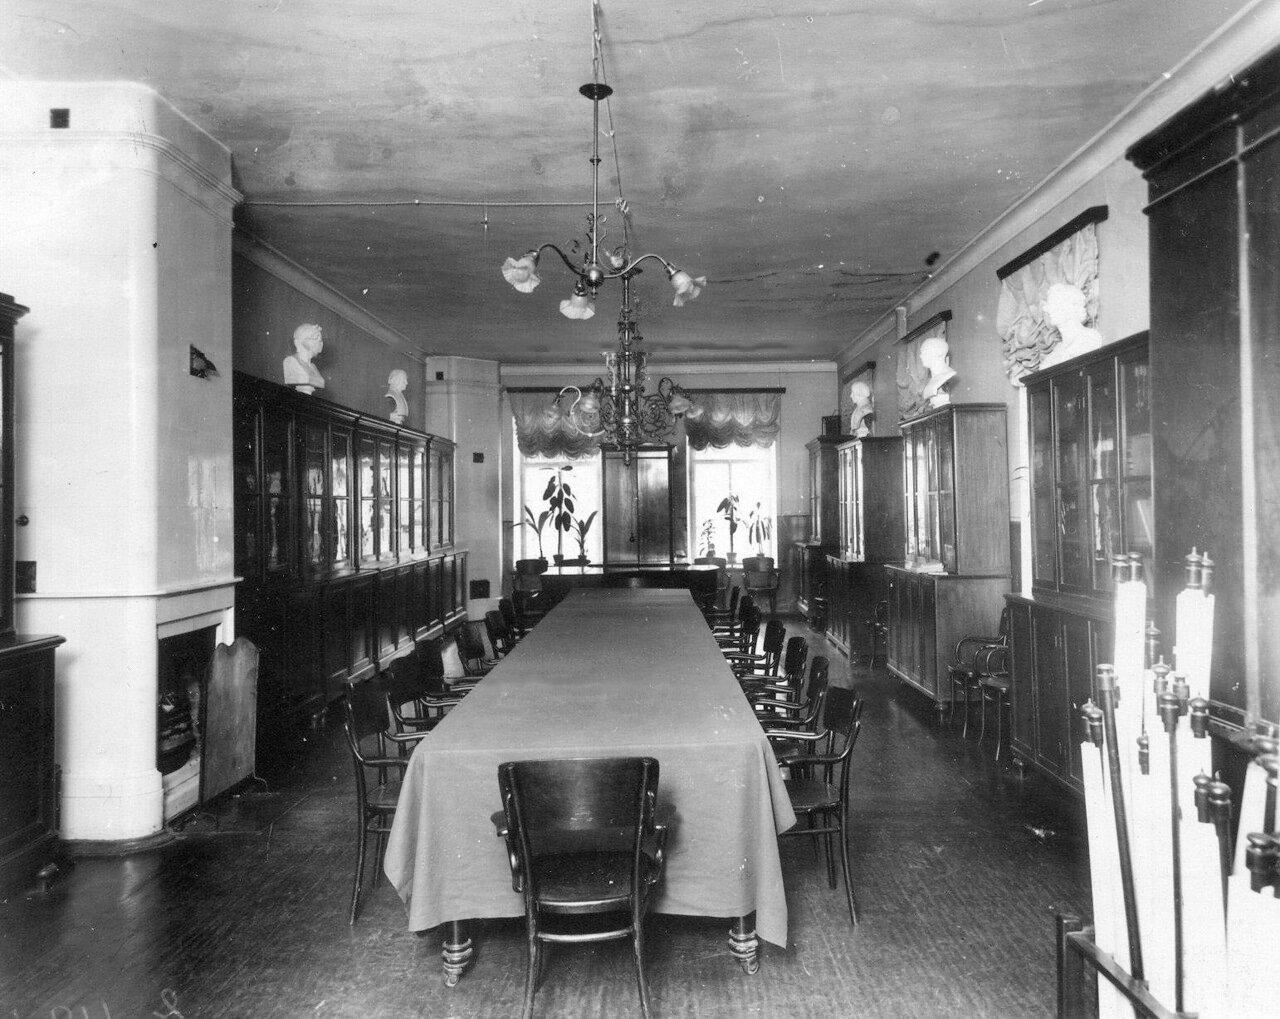 08. Вид учительской комнаты в училище. До 1914